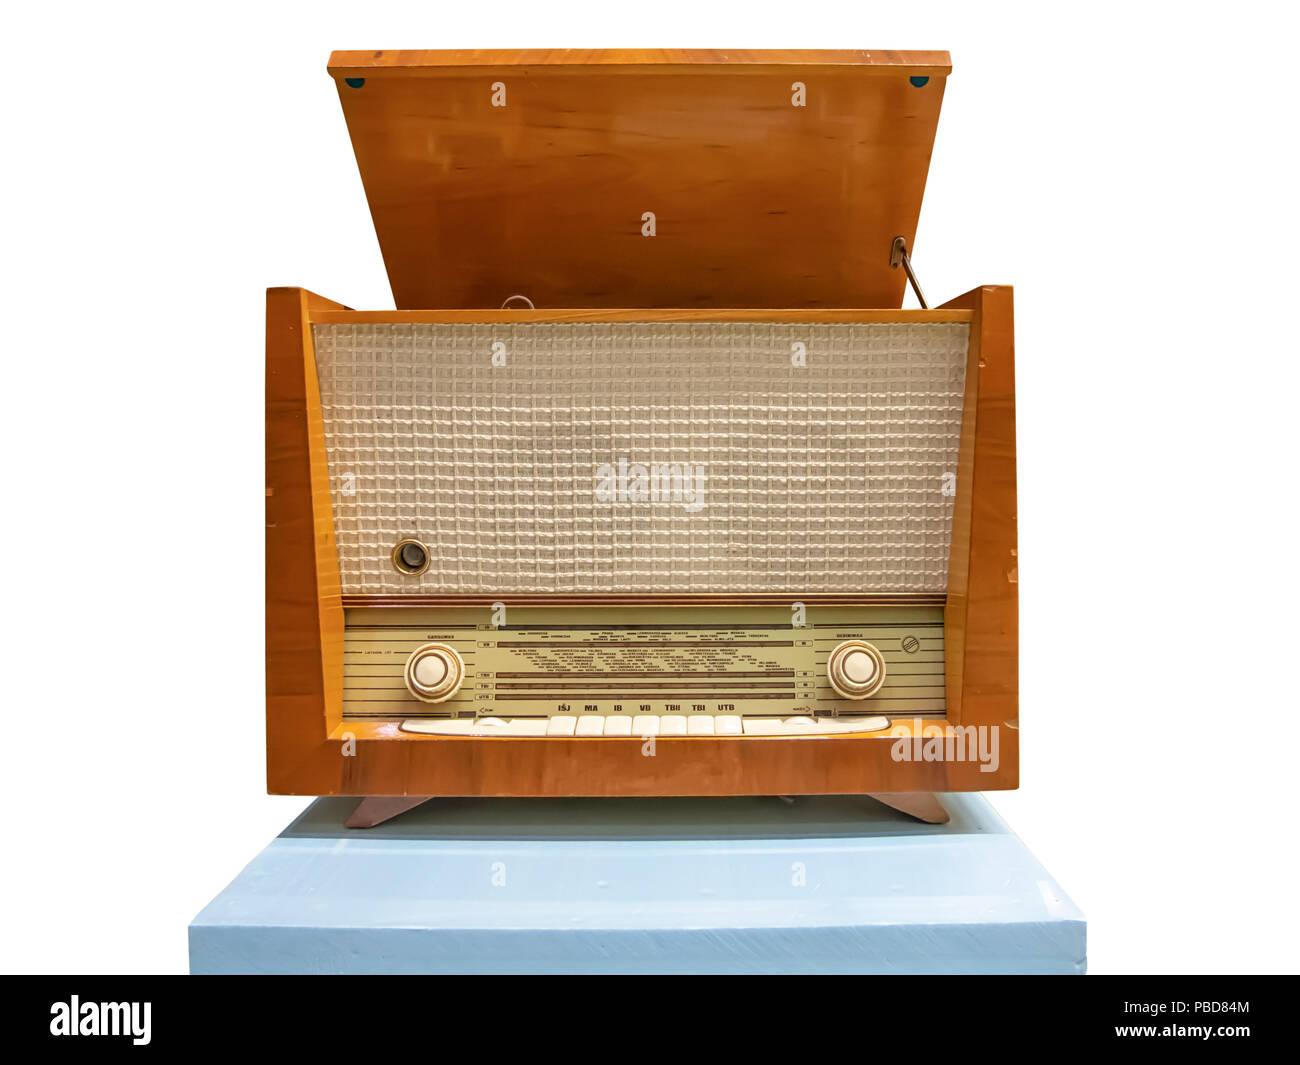 Vintage wooden radiogram isolated on whitebackground - Stock Image